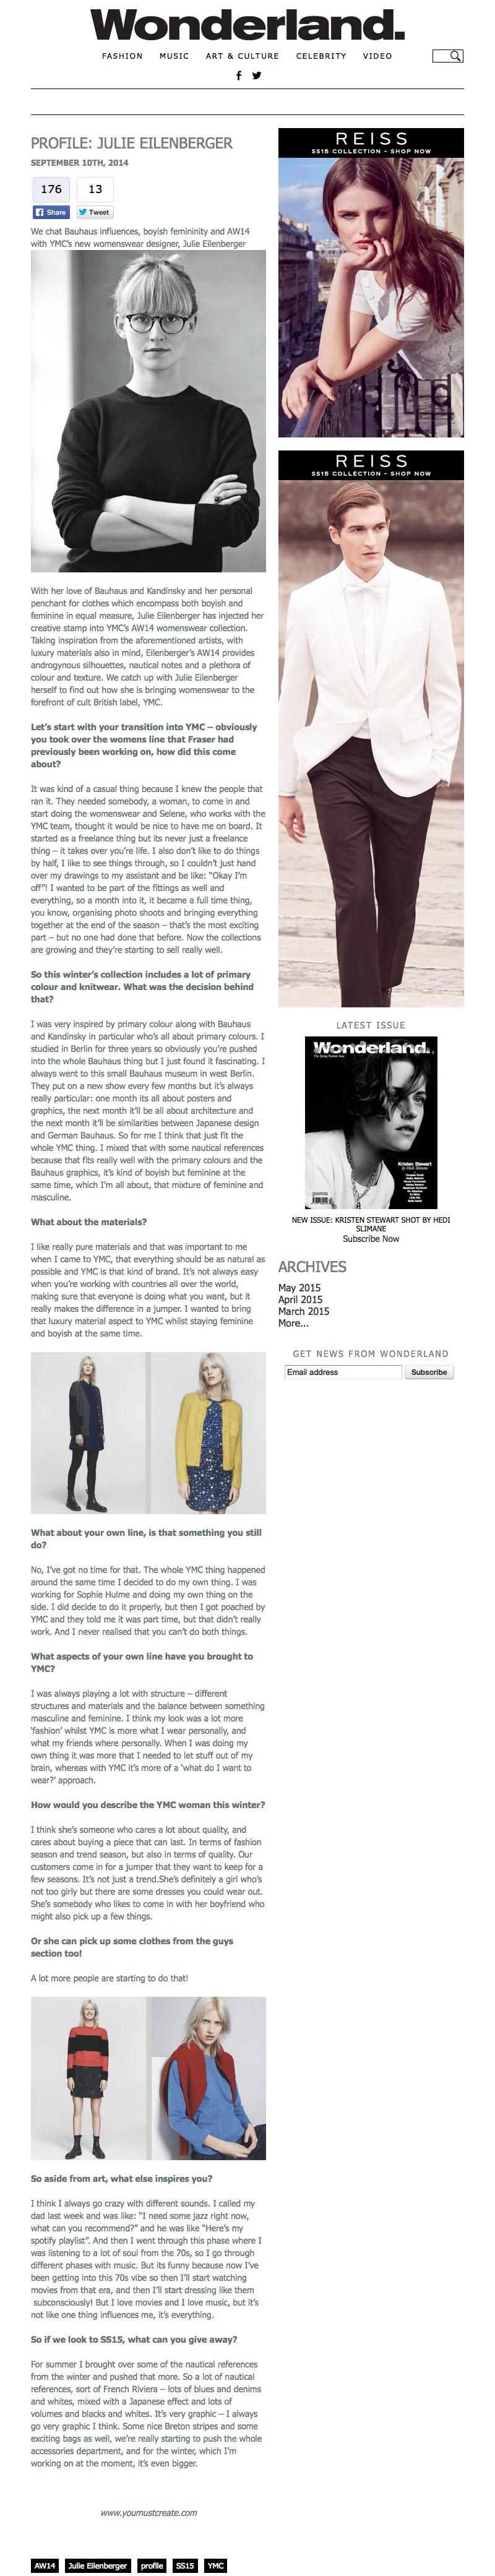 Profile: Julie Eilenberger | Wonderland Magazine - Wonderland Magazine